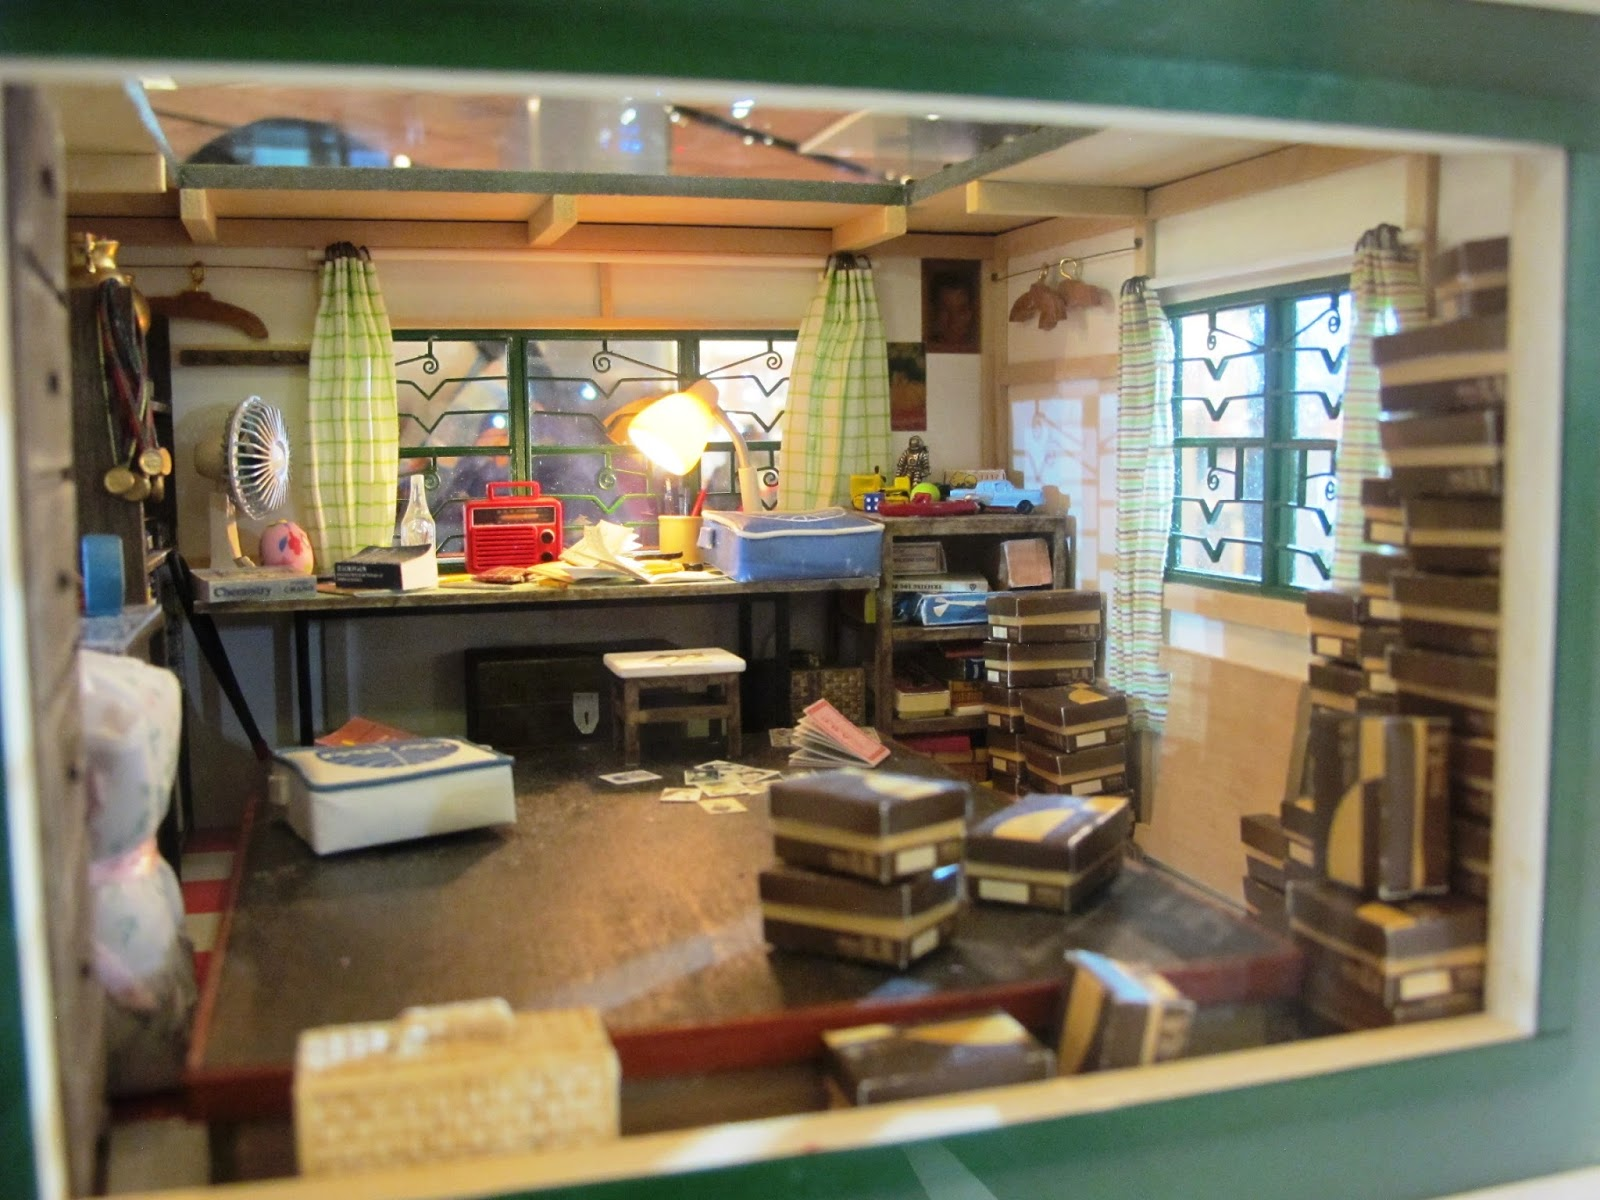 D Exhibition Hong Kong : The shopping sherpa hong kong in miniature exhibition